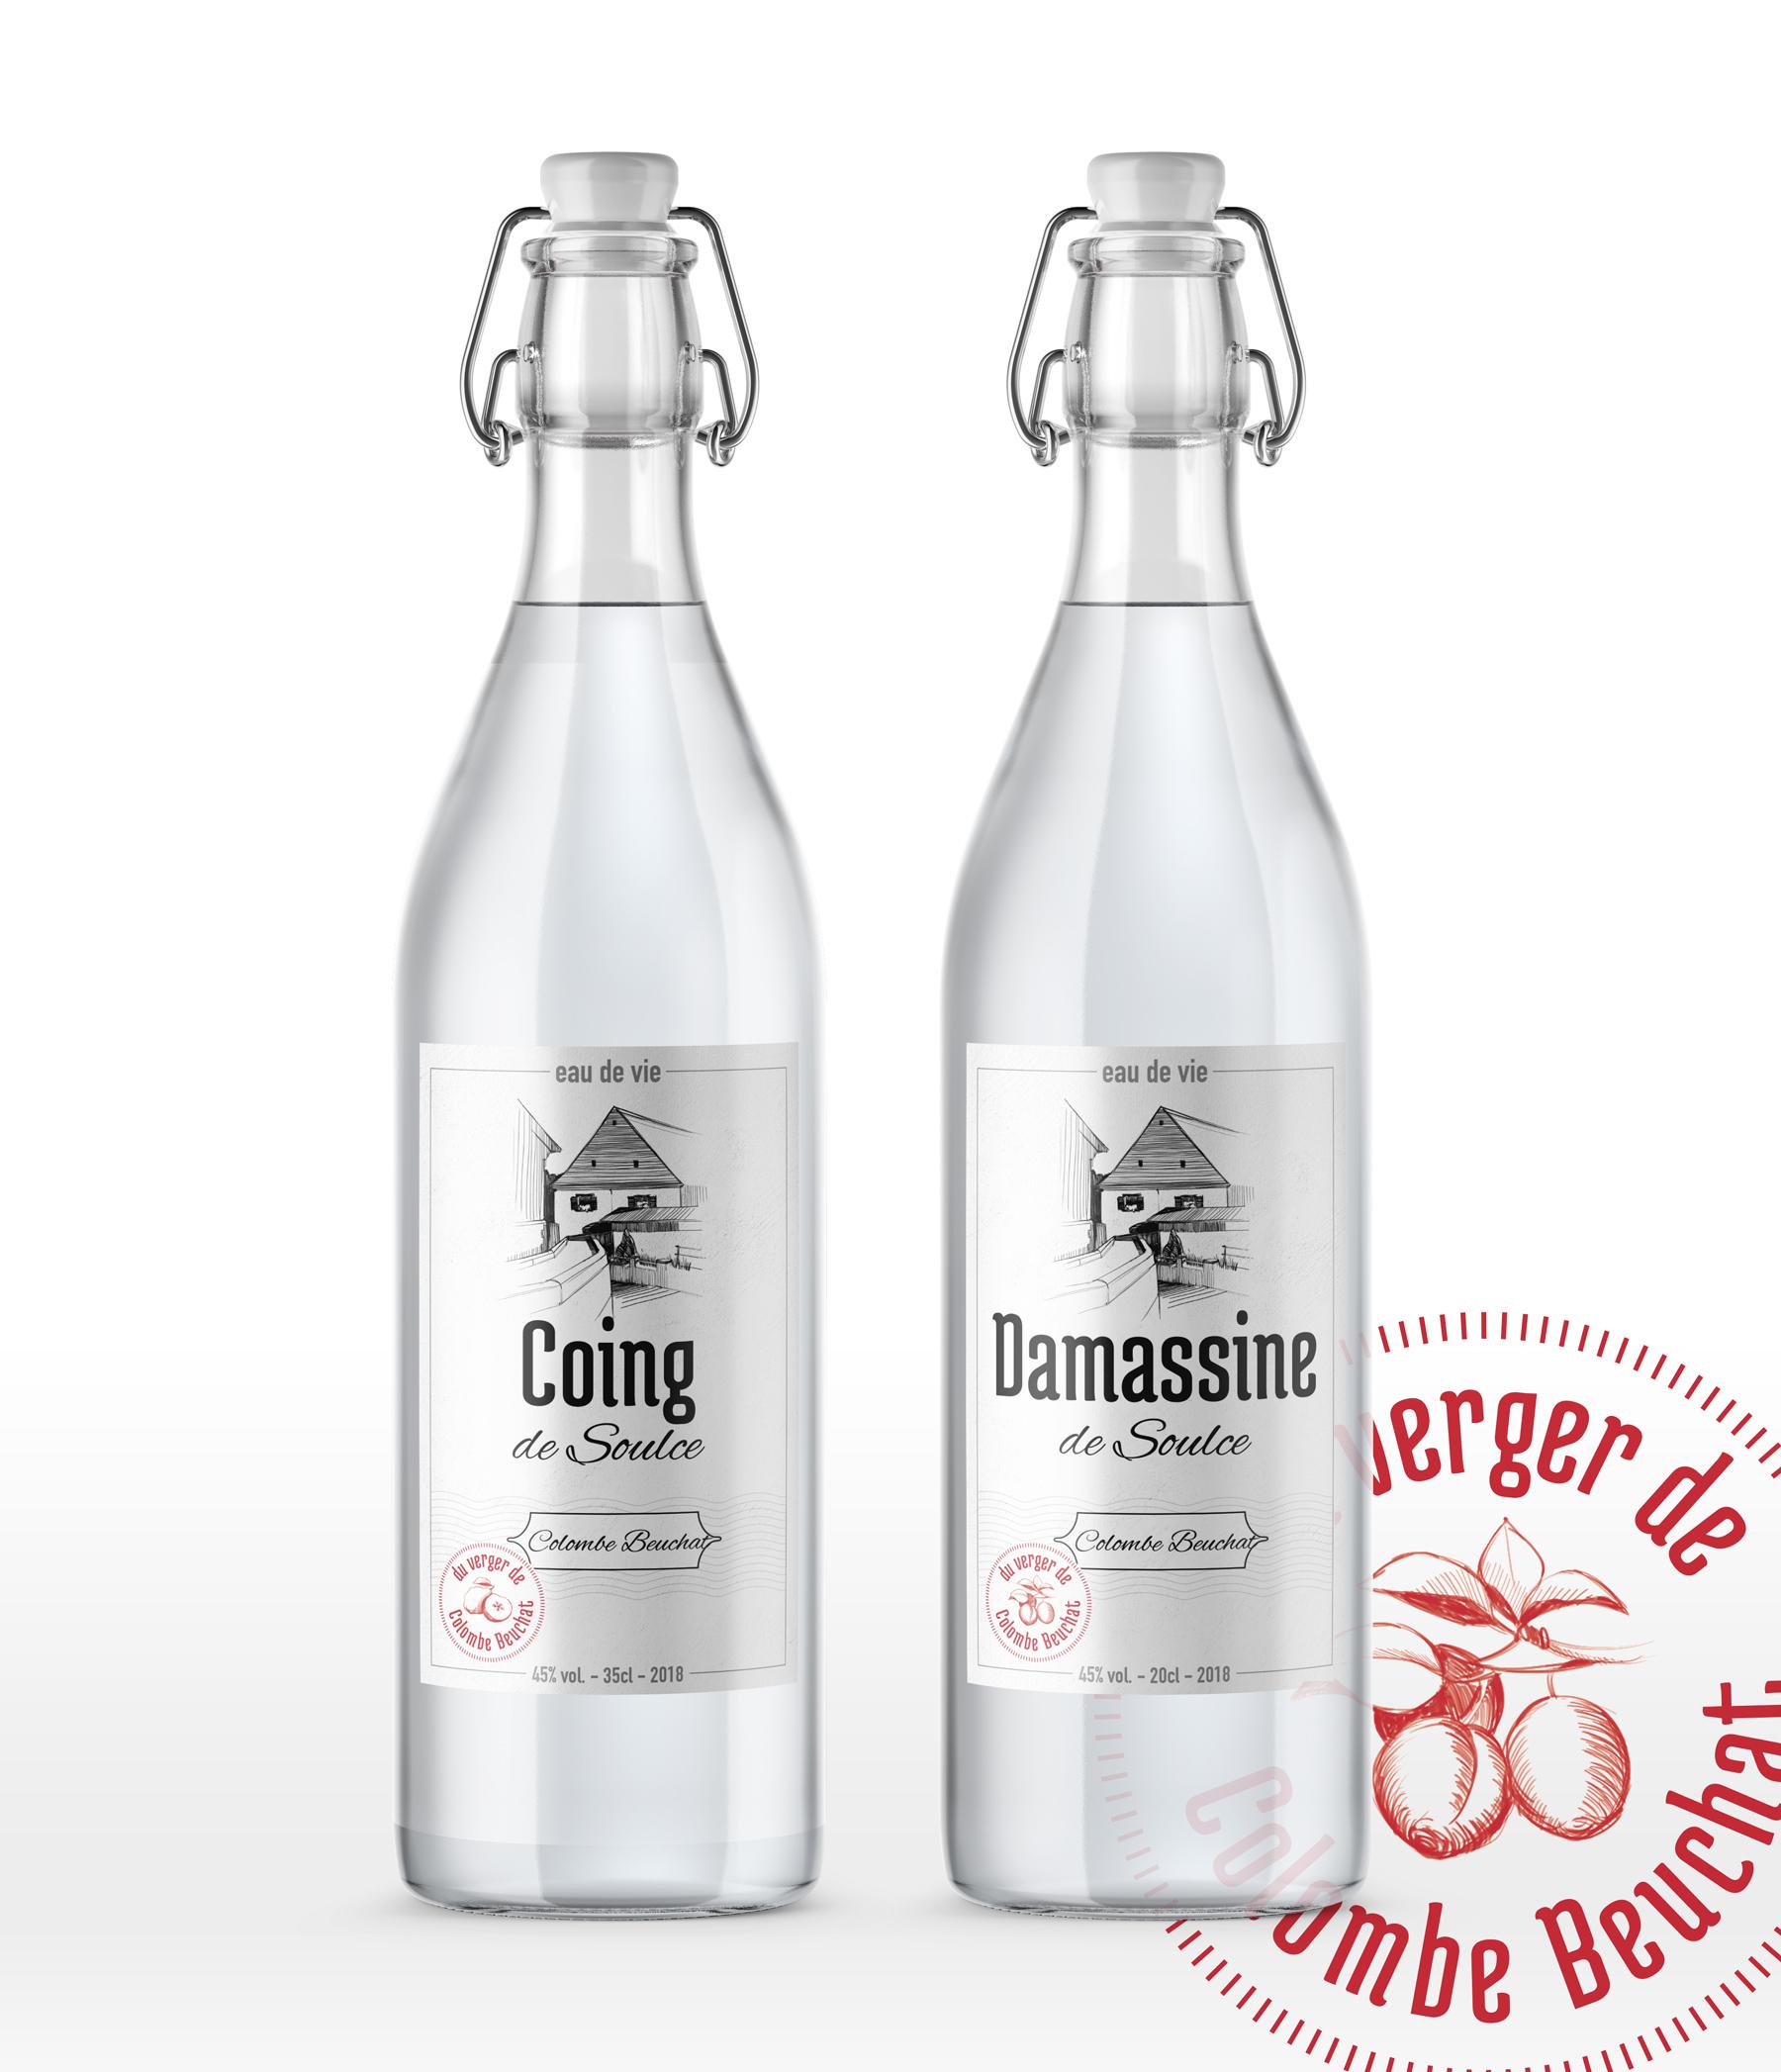 Graphisme de Sandrine Pilloud | Design d'étiquette d'eau de vie | Colombe Beuchat